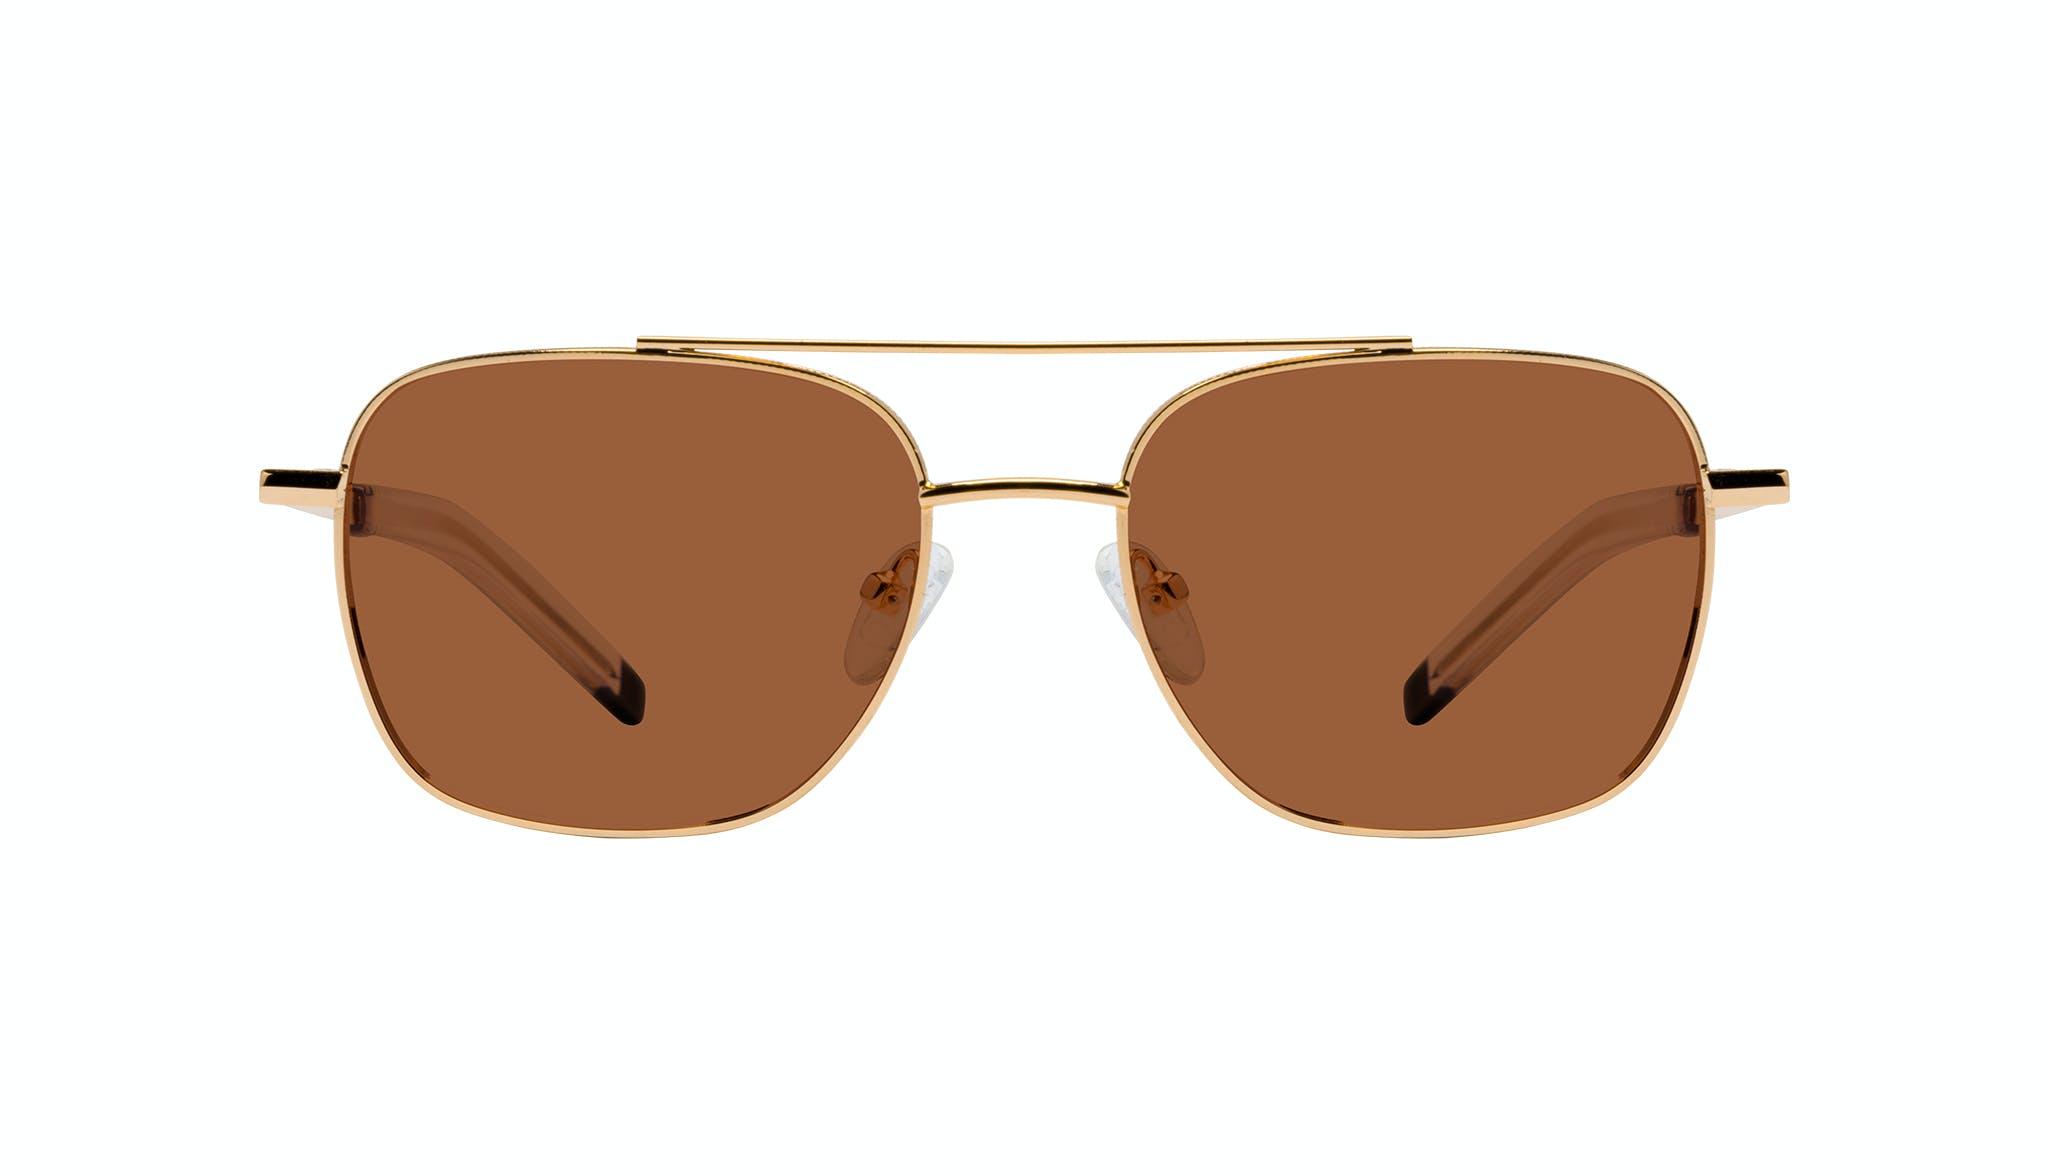 Affordable Fashion Glasses Aviator Sunglasses Men Drift Gold